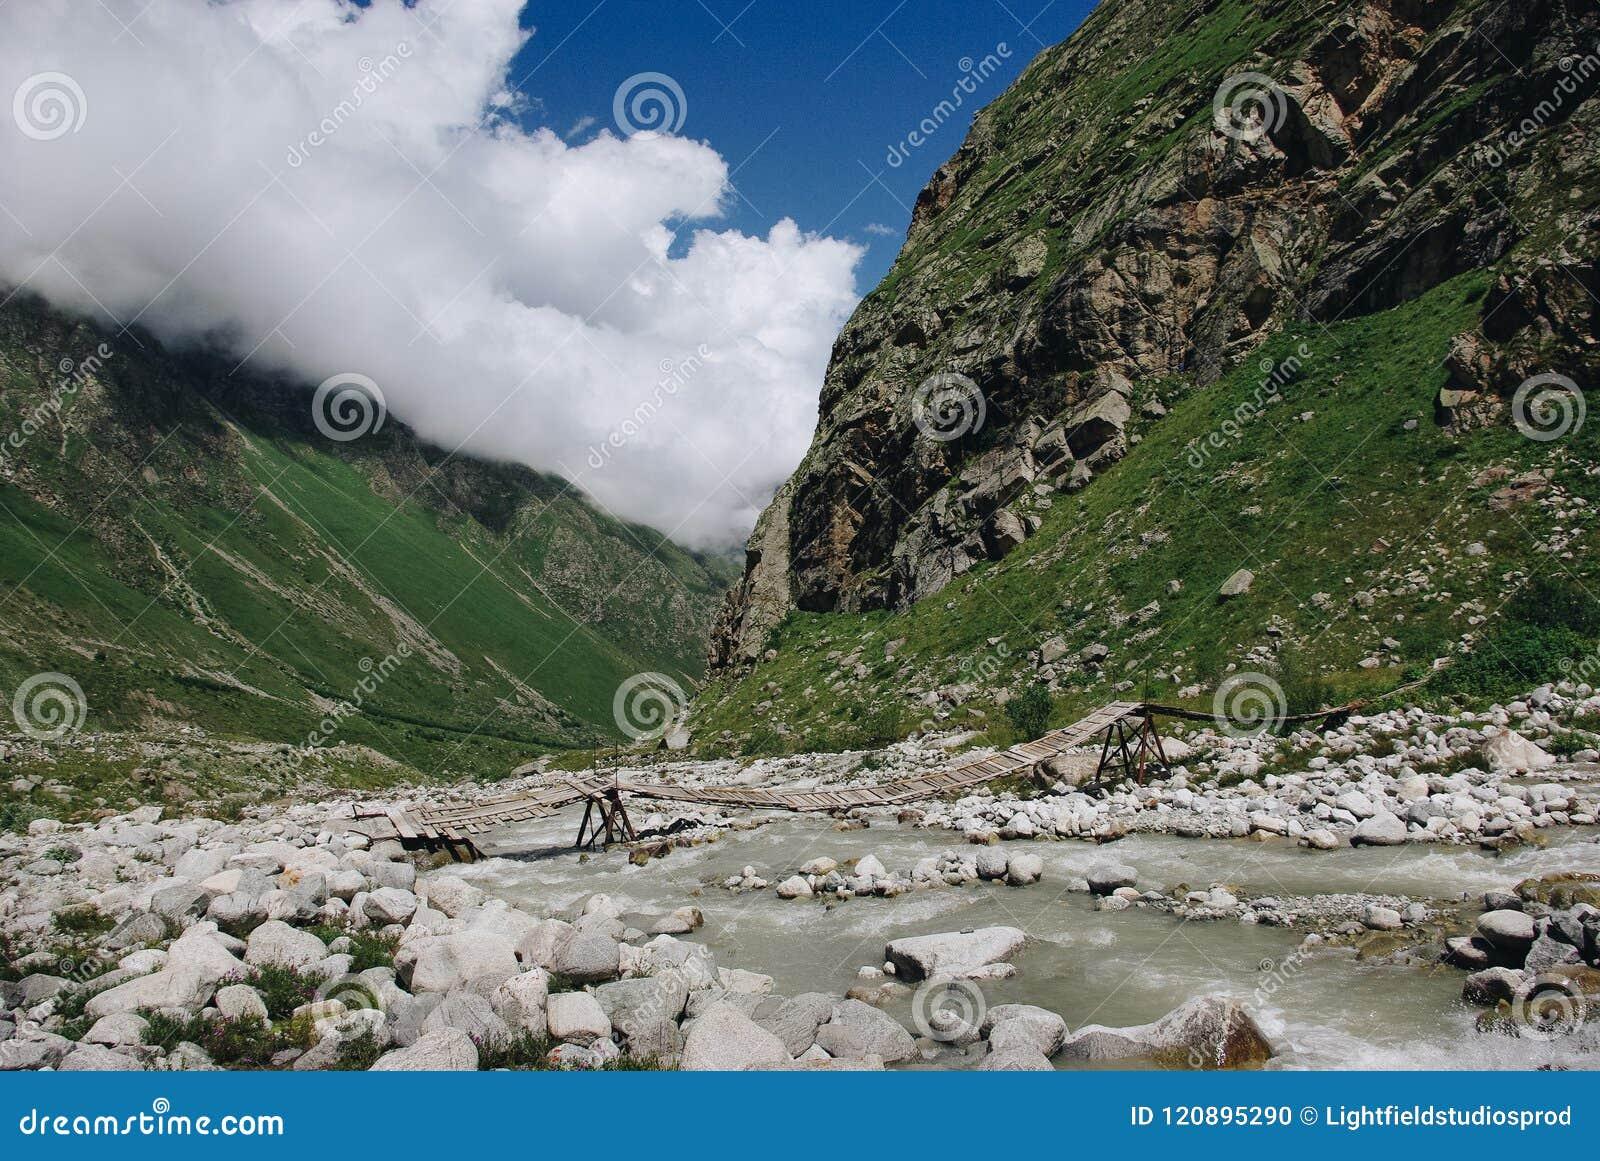 Fiume della montagna e del ponte di legno, Federazione Russa, Caucaso,